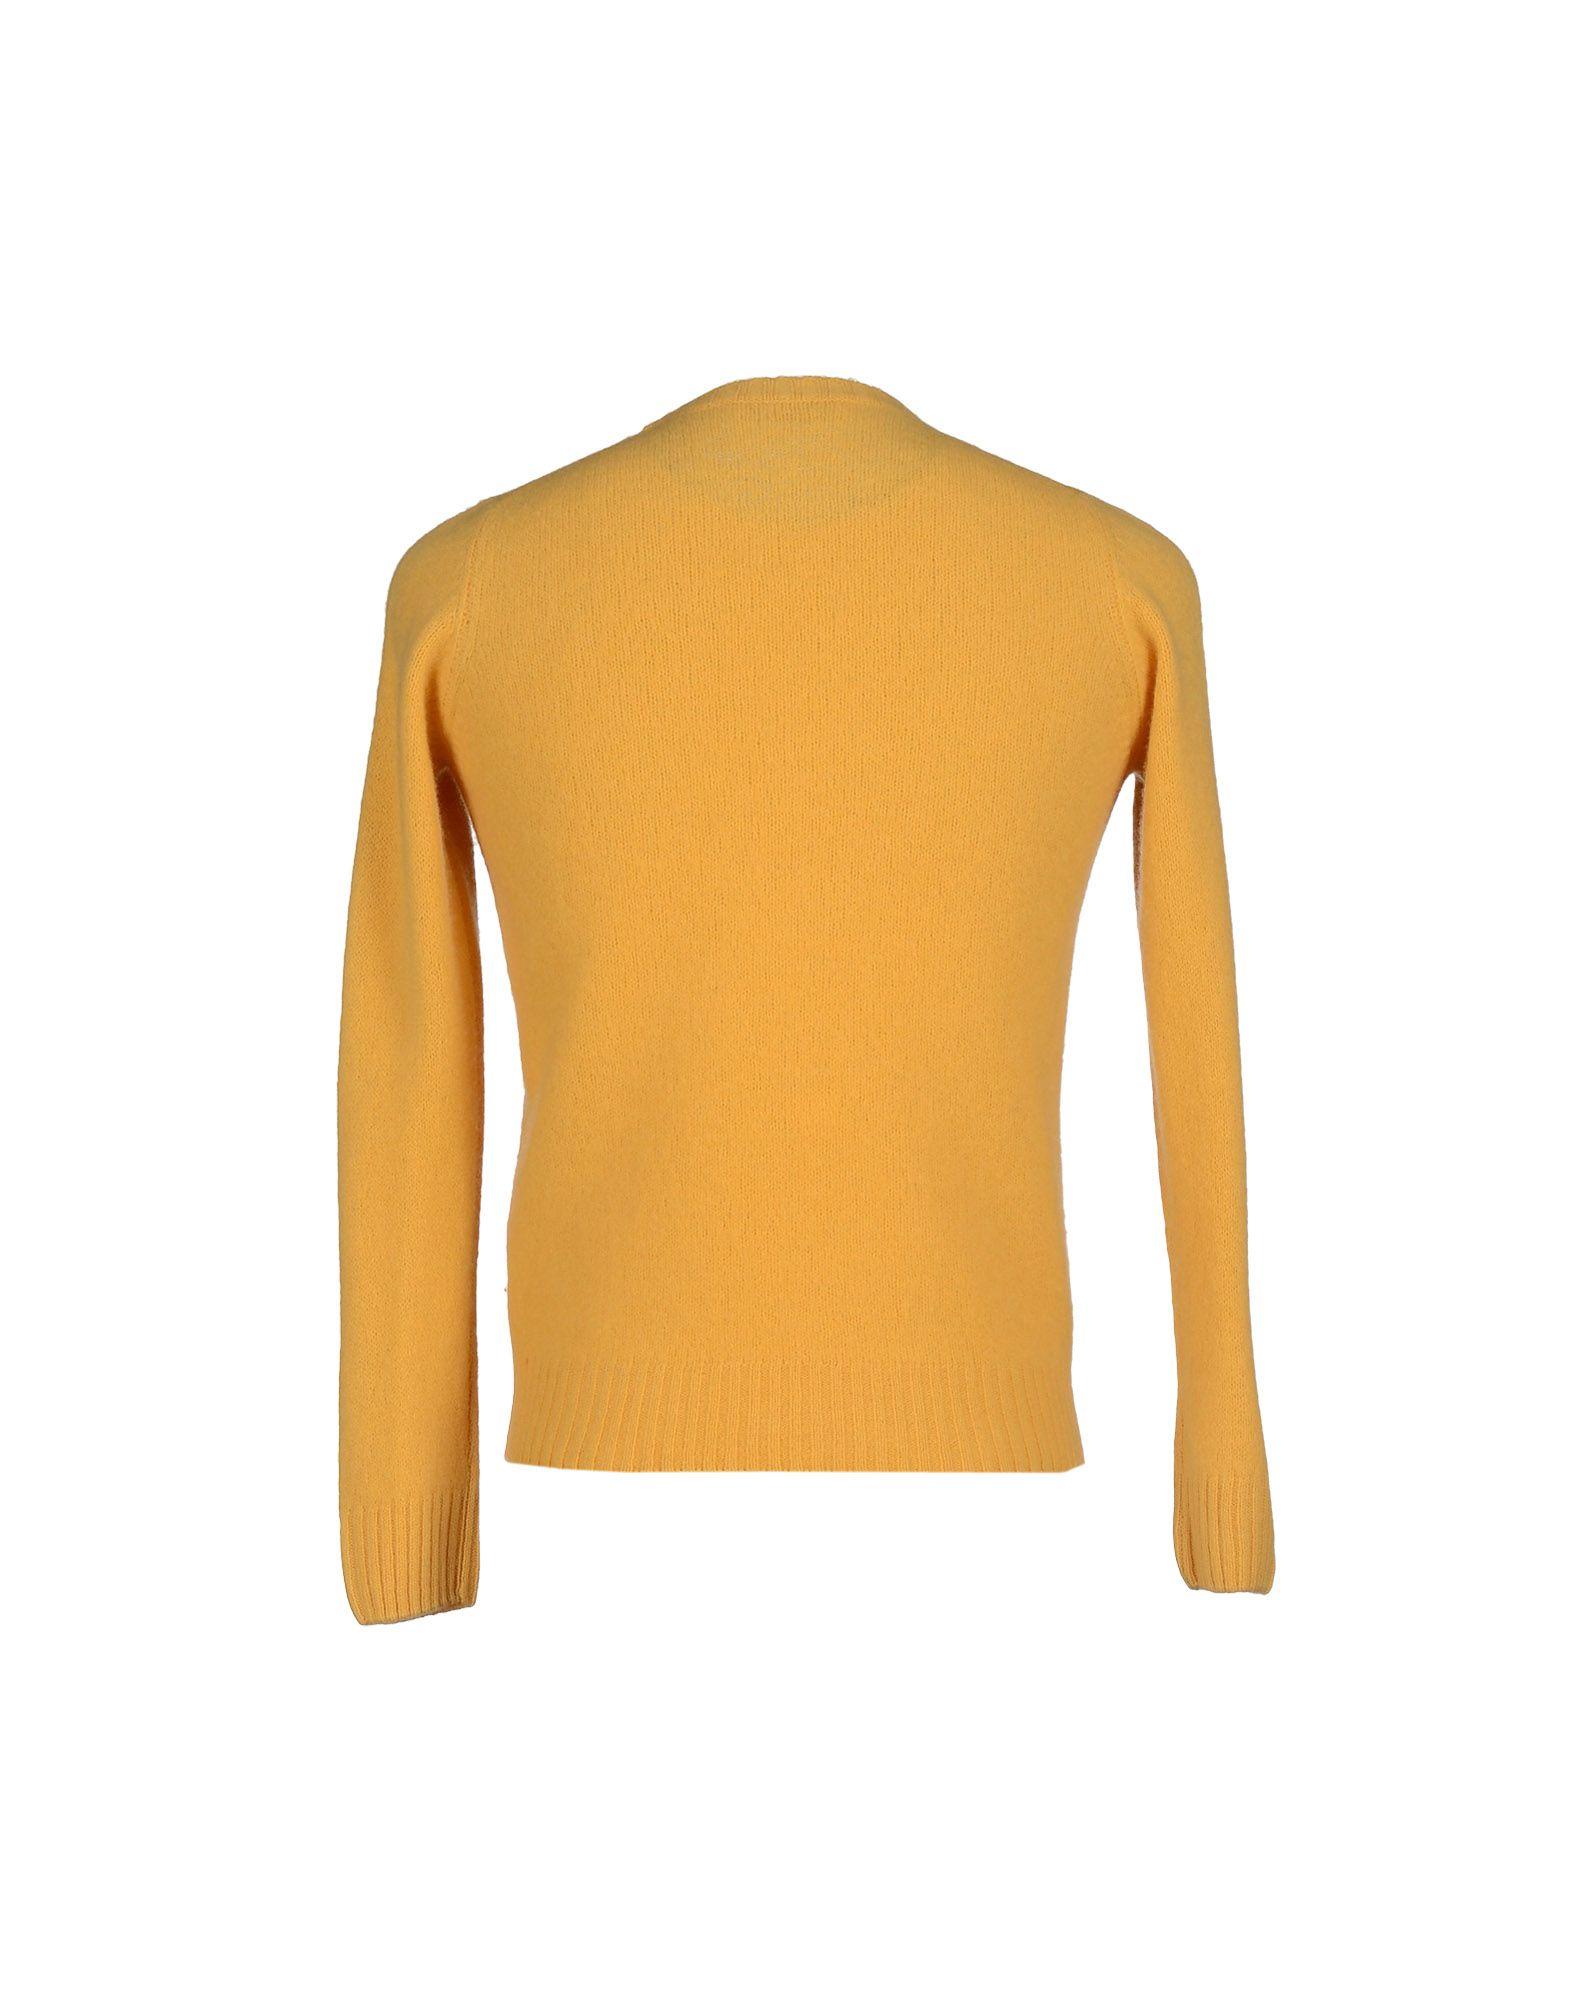 Pullover Della Della Pullover Ciana Uomo - 39570562GI a1c8f3